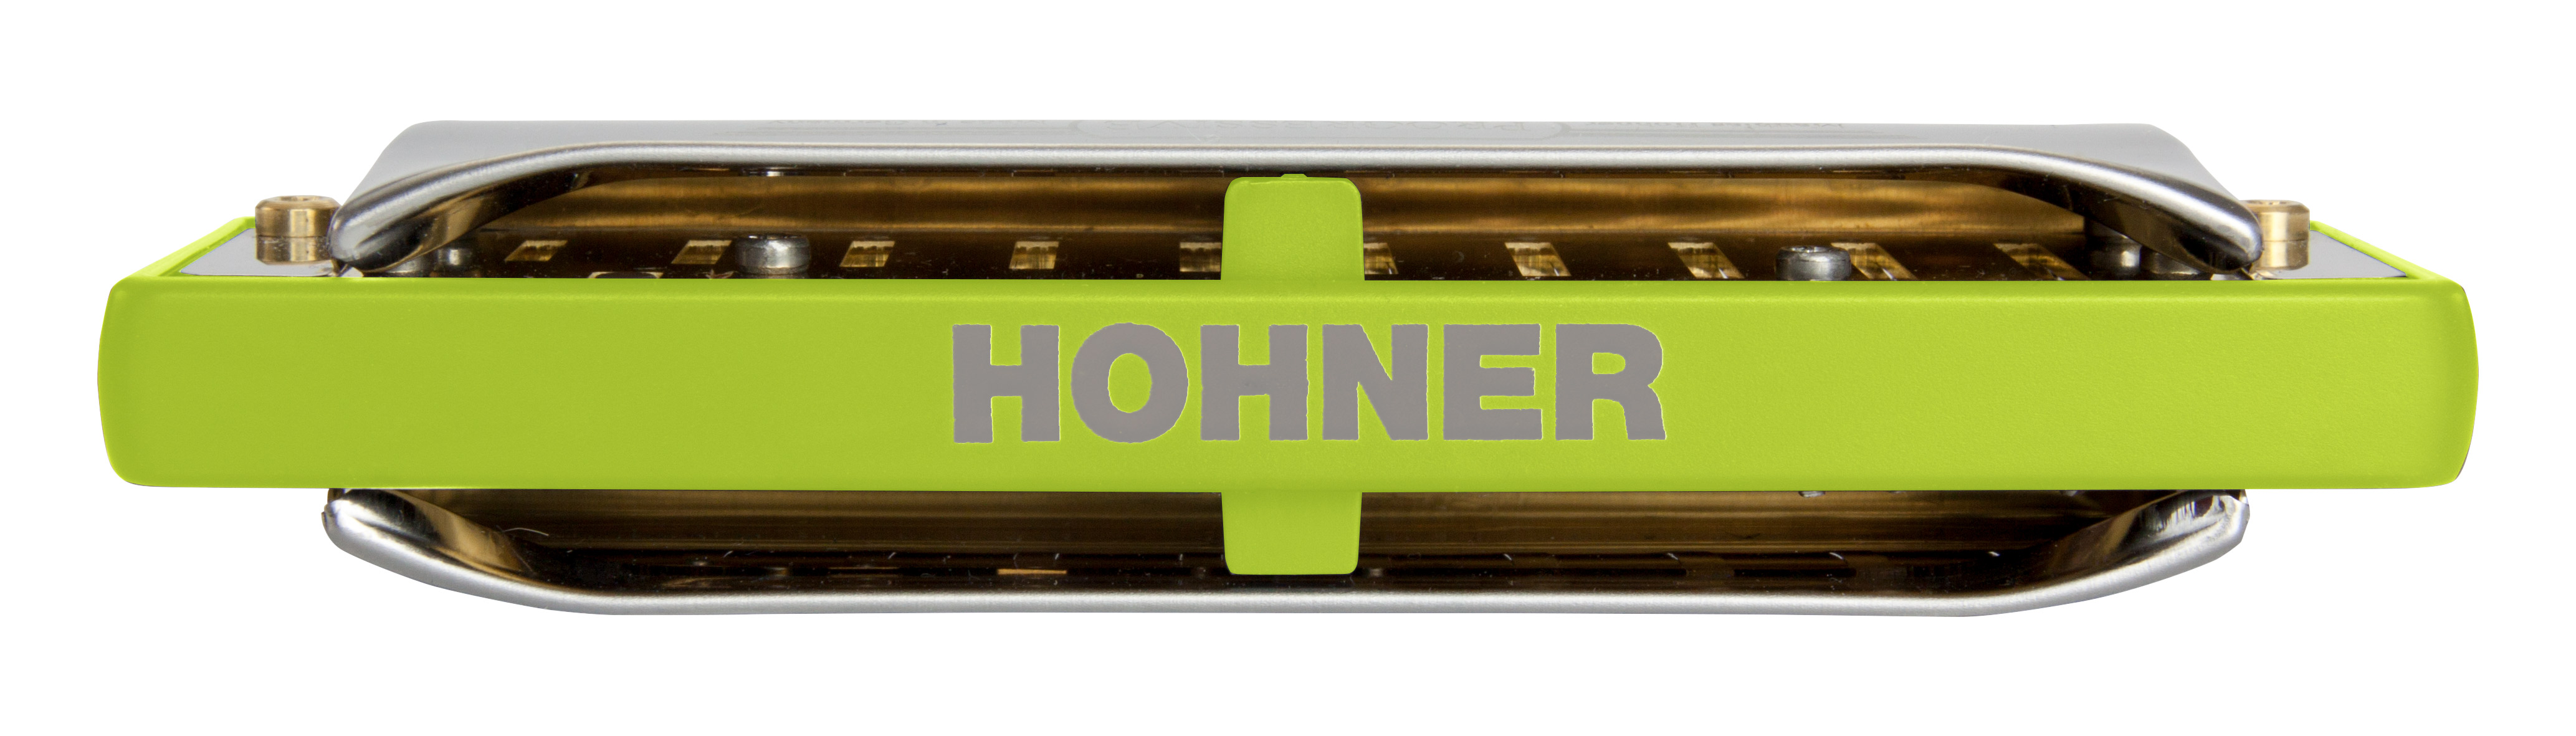 Hohner Rocket Amp F-major